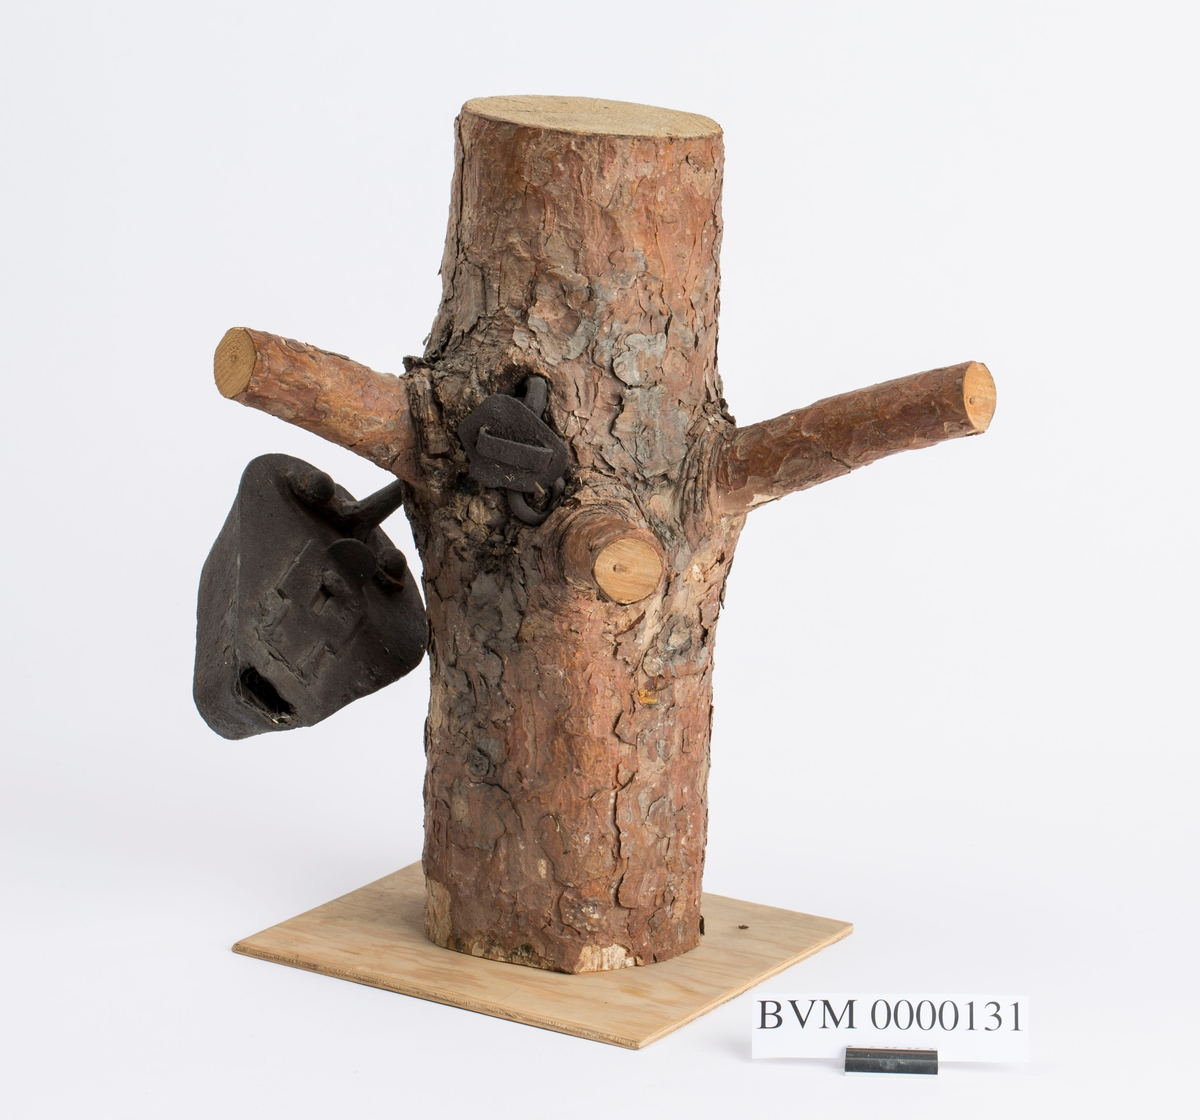 """""""Gammel grubelampe innvokst i et tre ved Kristianstolls mundloch i Saggrenda."""" NTM: """"Denne stollkjørerlampe ble funnet i toppen av en furu ved Kristianstolls muntloch i Saggrenda. Den har vært hengt på en gren og er siden vokset inn i treet. Lampen er i konstruksjon lik de andre oljelamper med den forskjell at den hadde større oljebrenner."""""""